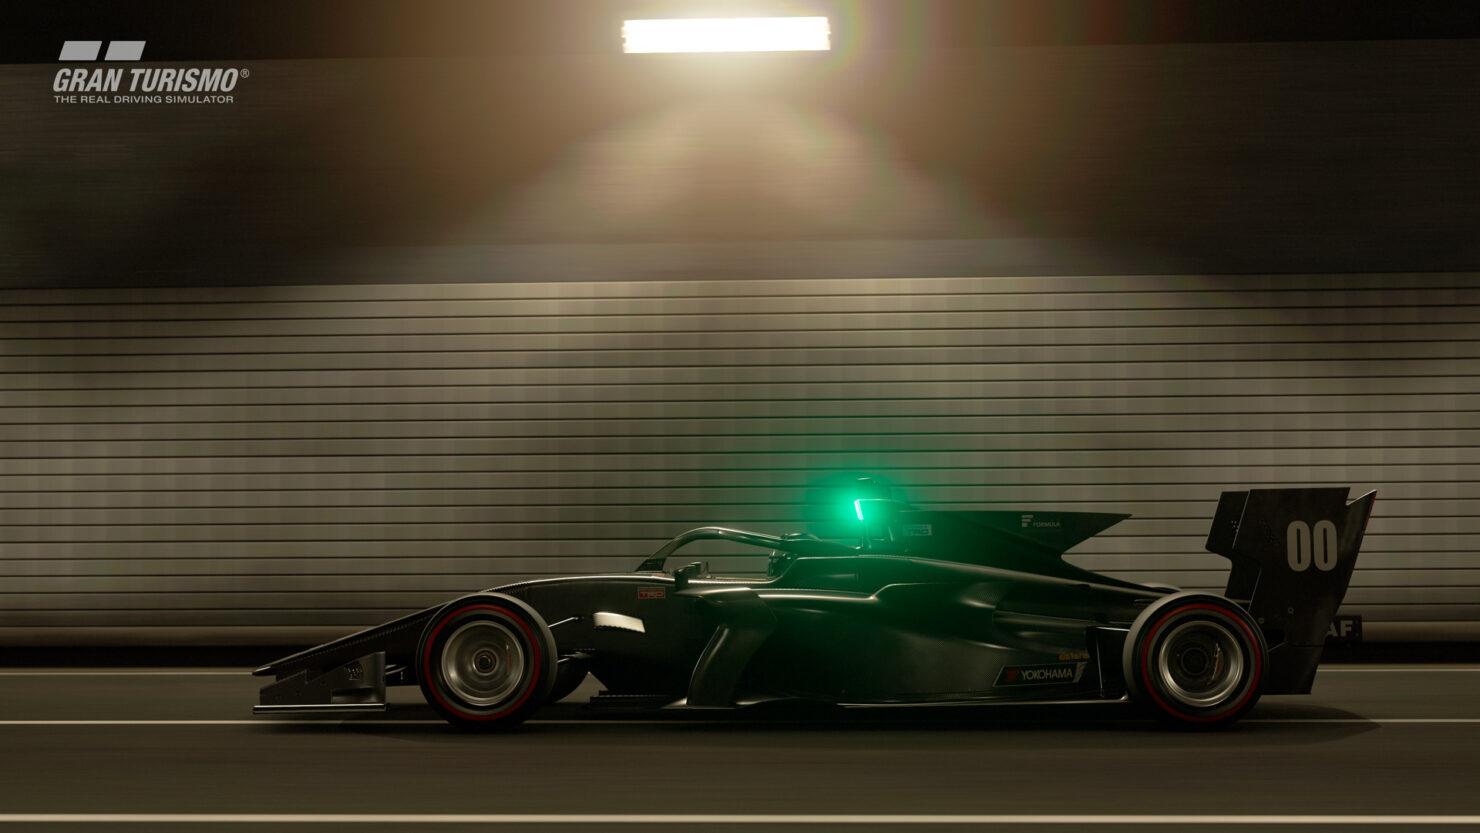 gt sport update 1.35 ps4 Dallara SF19 Super Formula